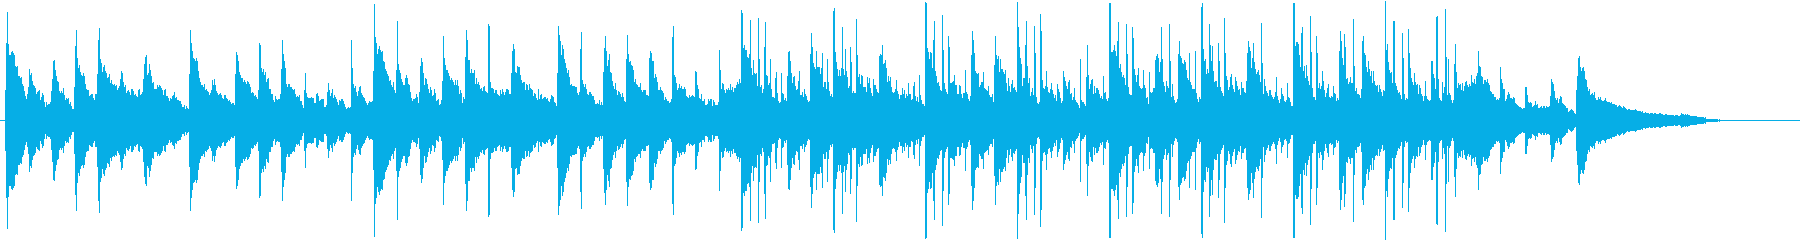 和楽器を使ったほのぼの和風エレクトロの再生済みの波形